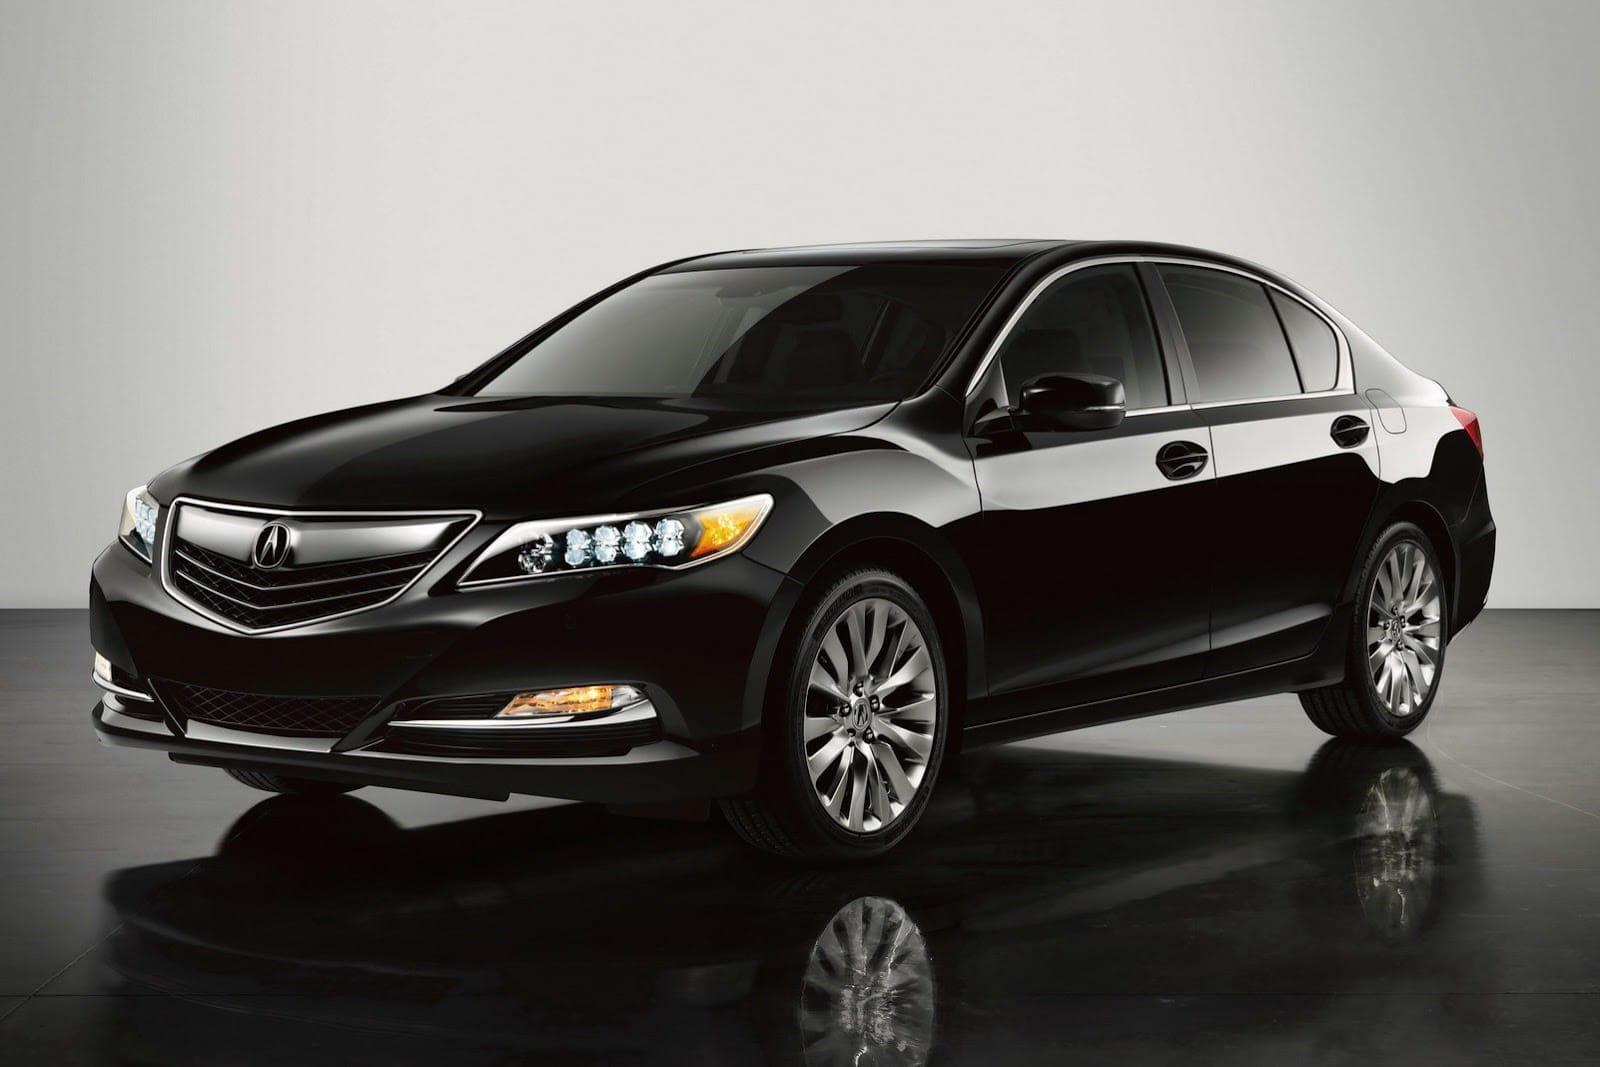 Acura Rlx La Apuesta Mas Lujosa De Honda En El Mercado Estadounidense Diariomotor